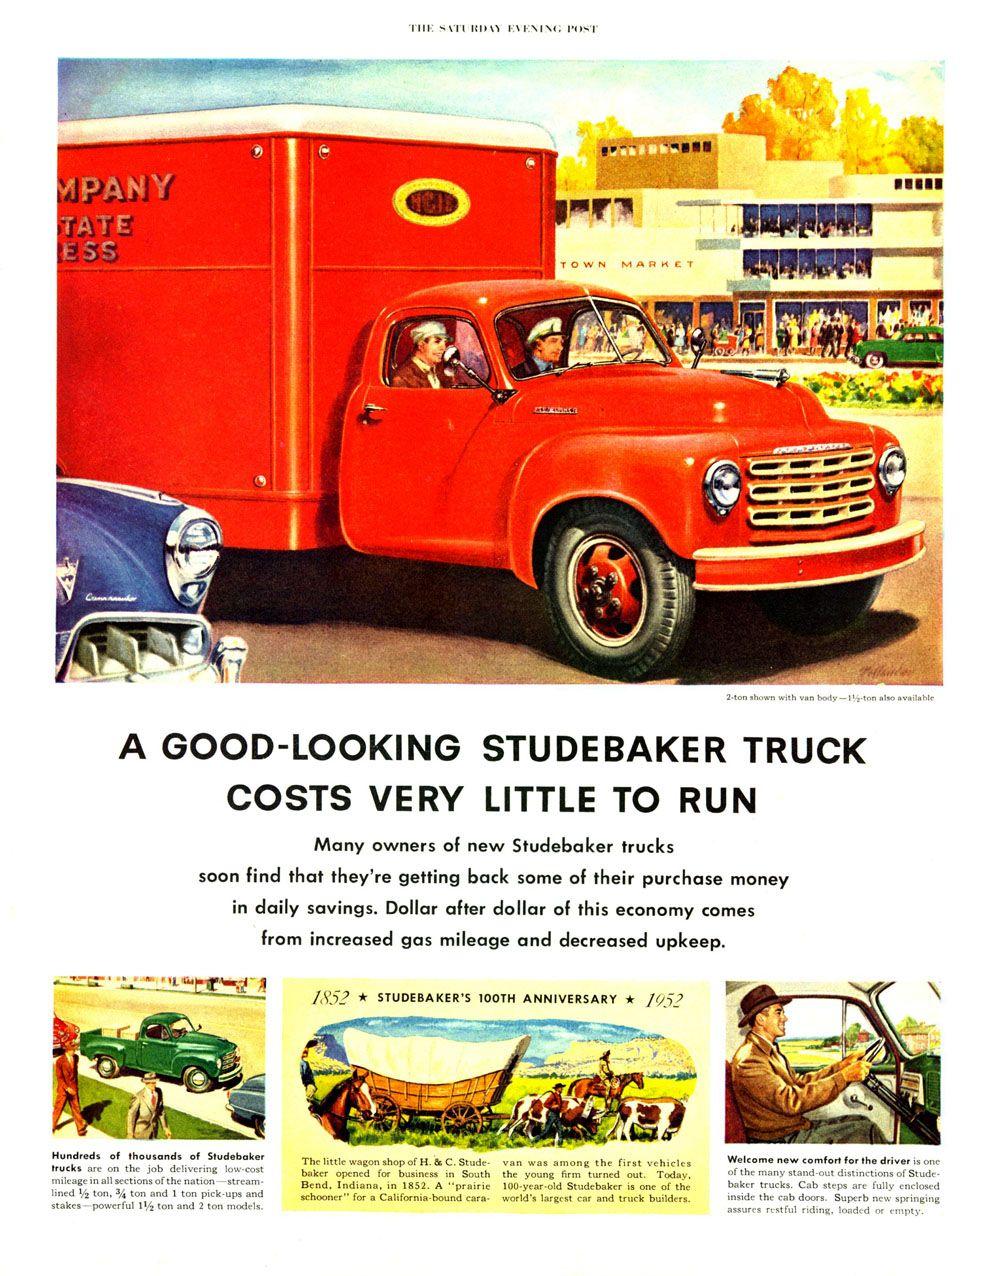 Manuels vintage zimmer  studebaker truck ad  studebaker trucks  pinterest  truck